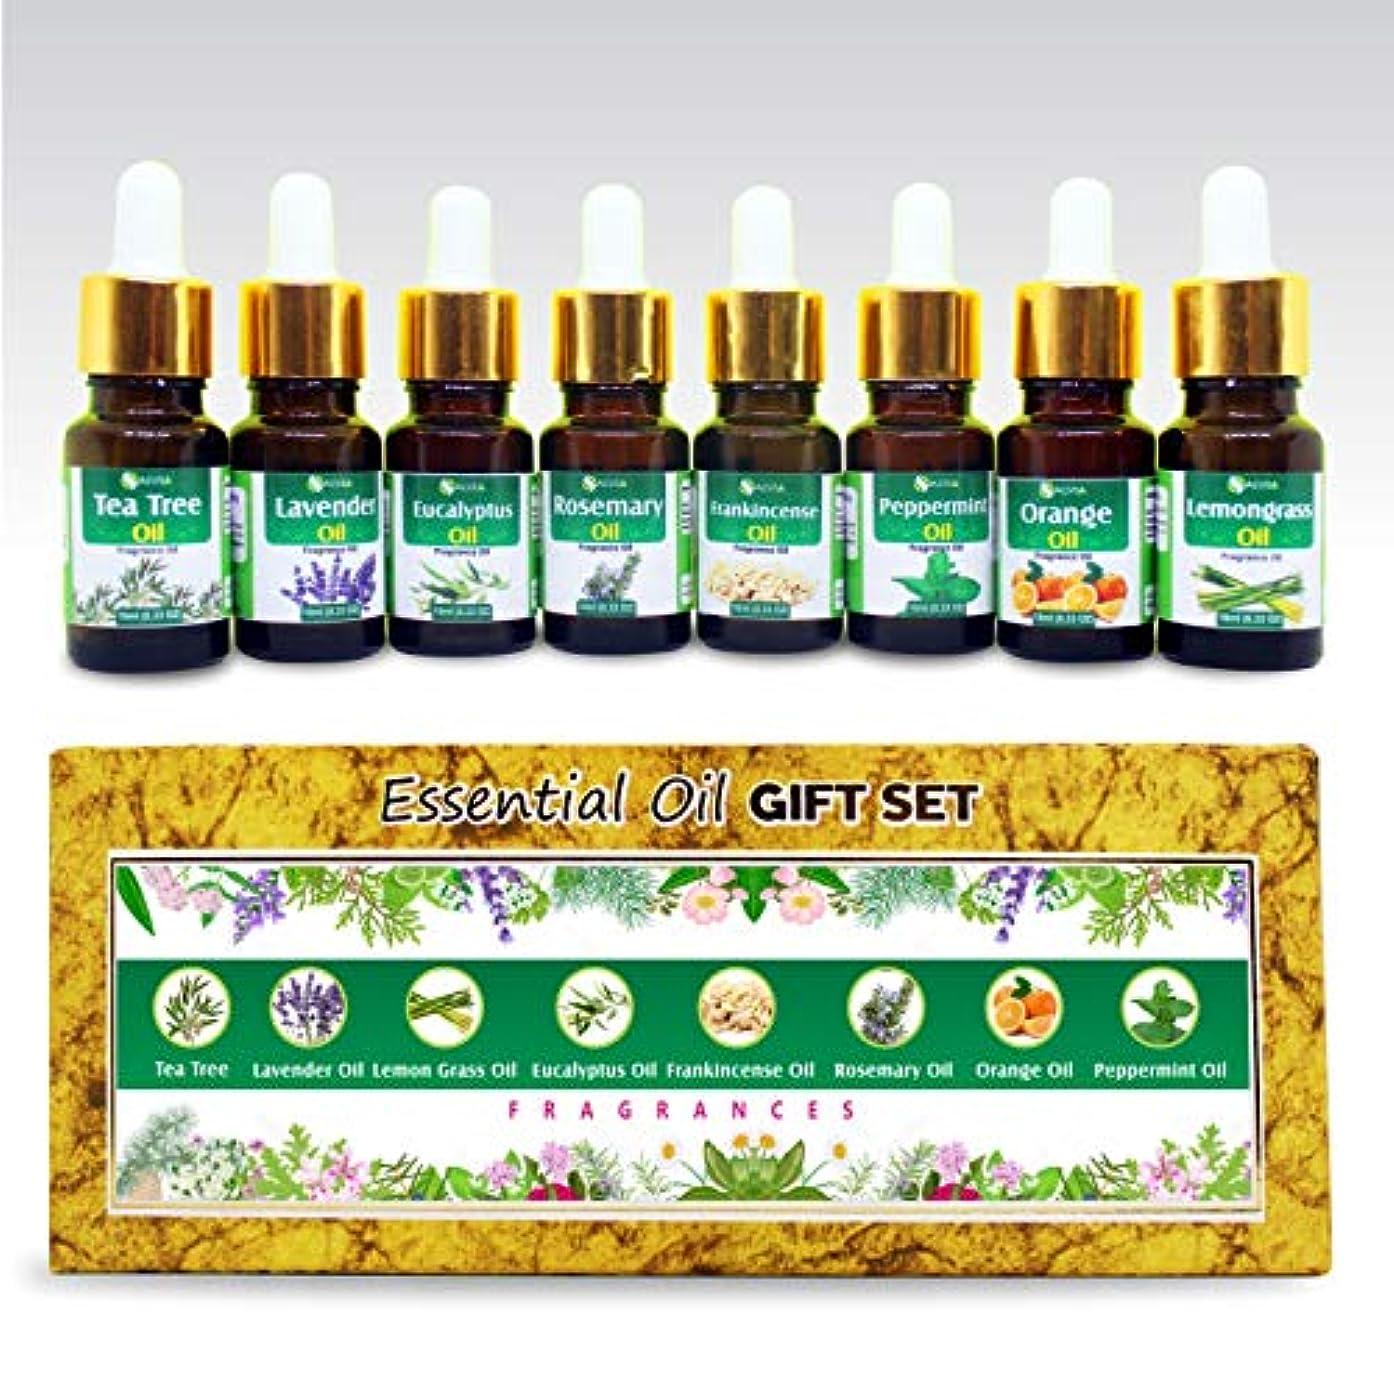 拳召集する医薬Aromatherapy Fragrance Oils - Pack of 8 Essential Oils 100% Natural Therapeutic Oils - 10 ML each (Tea Tree, Lavender...